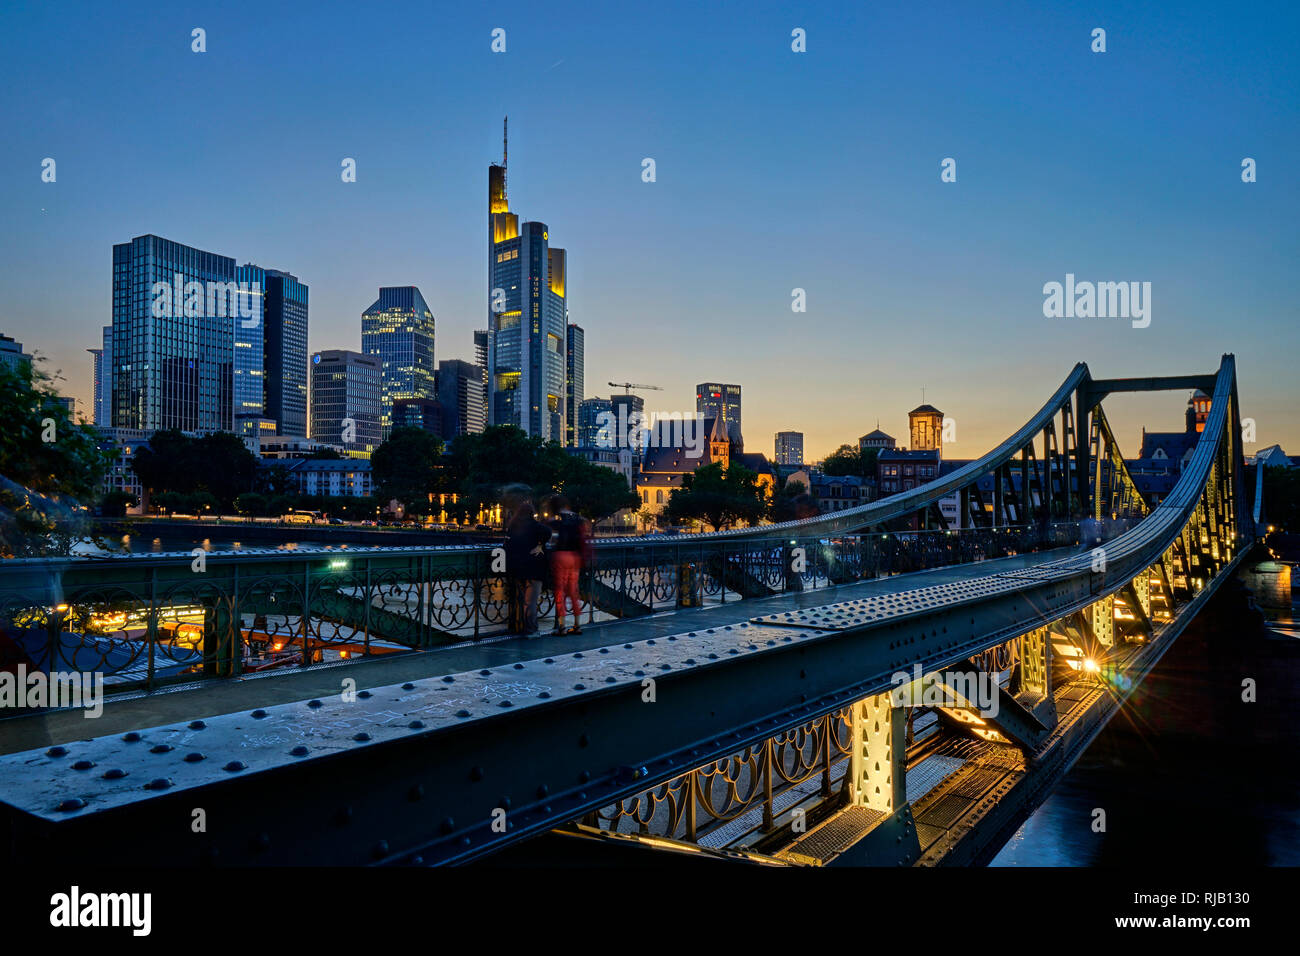 Deutschland, Hessen, Frankfurt am Main, Blick vom Eisernen Steg auf das Bankenviertel, abends - Stock Image